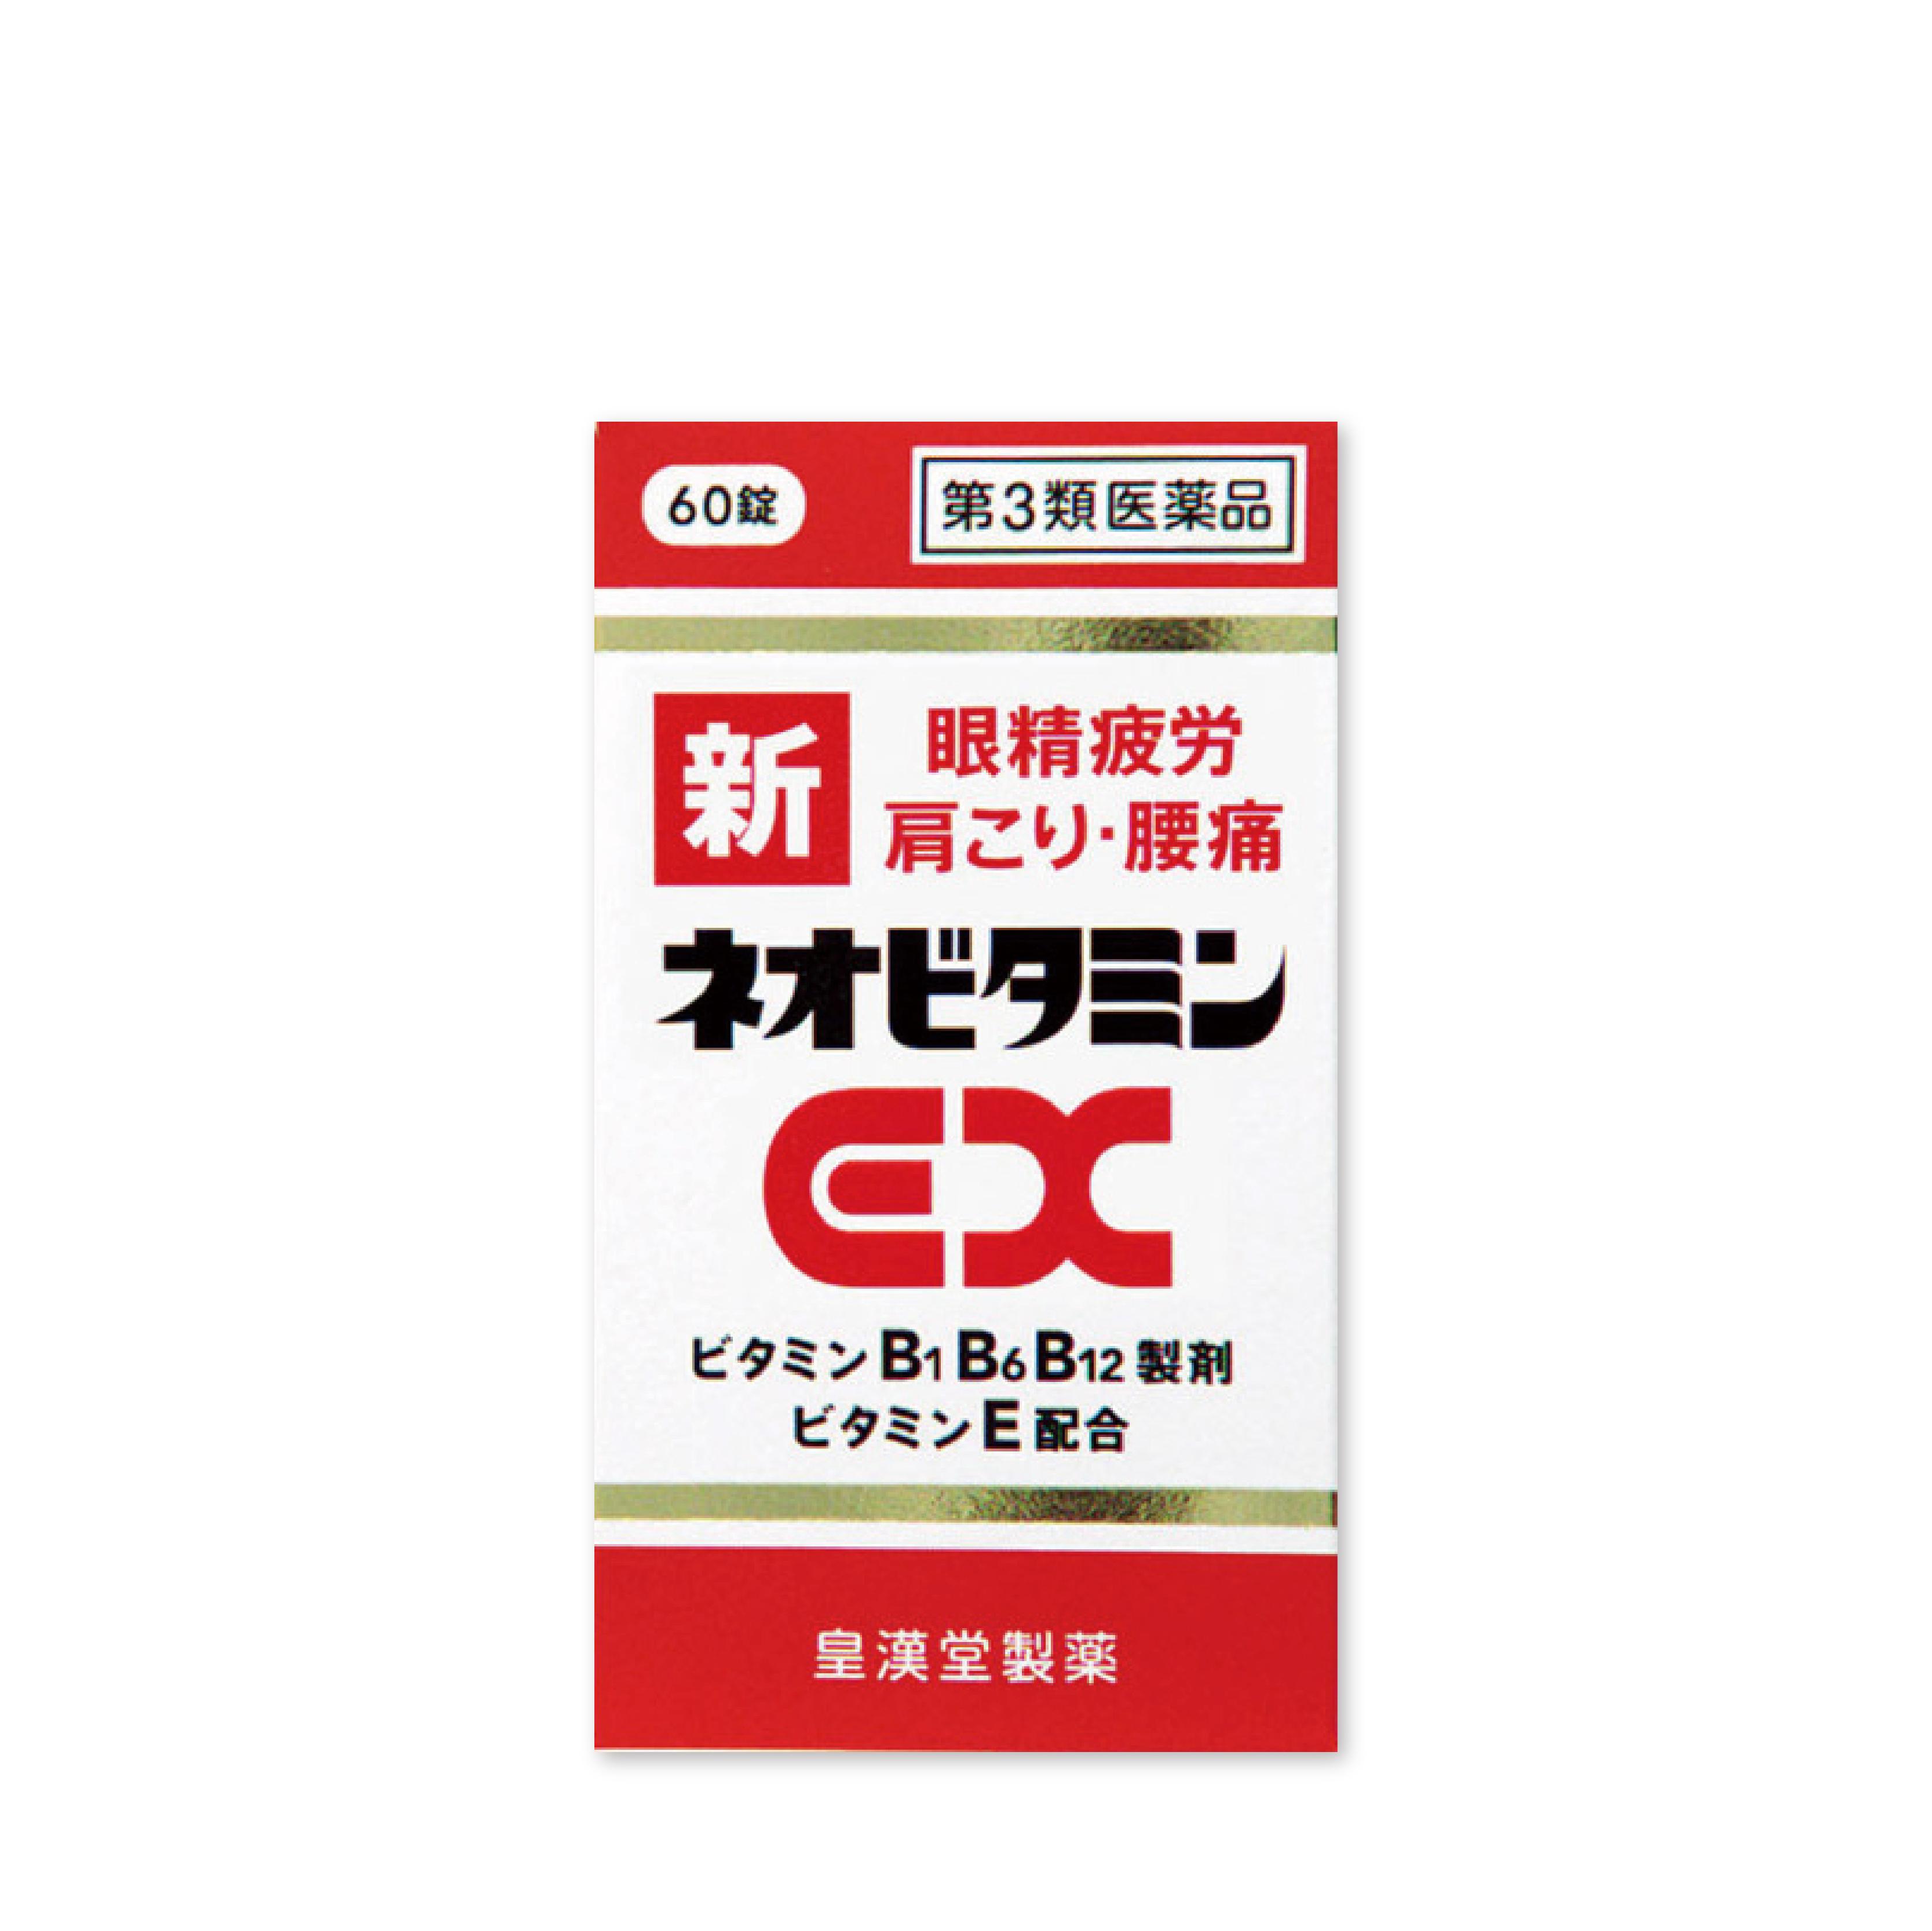 [코칸도] 신 네오비타민 EX 60정